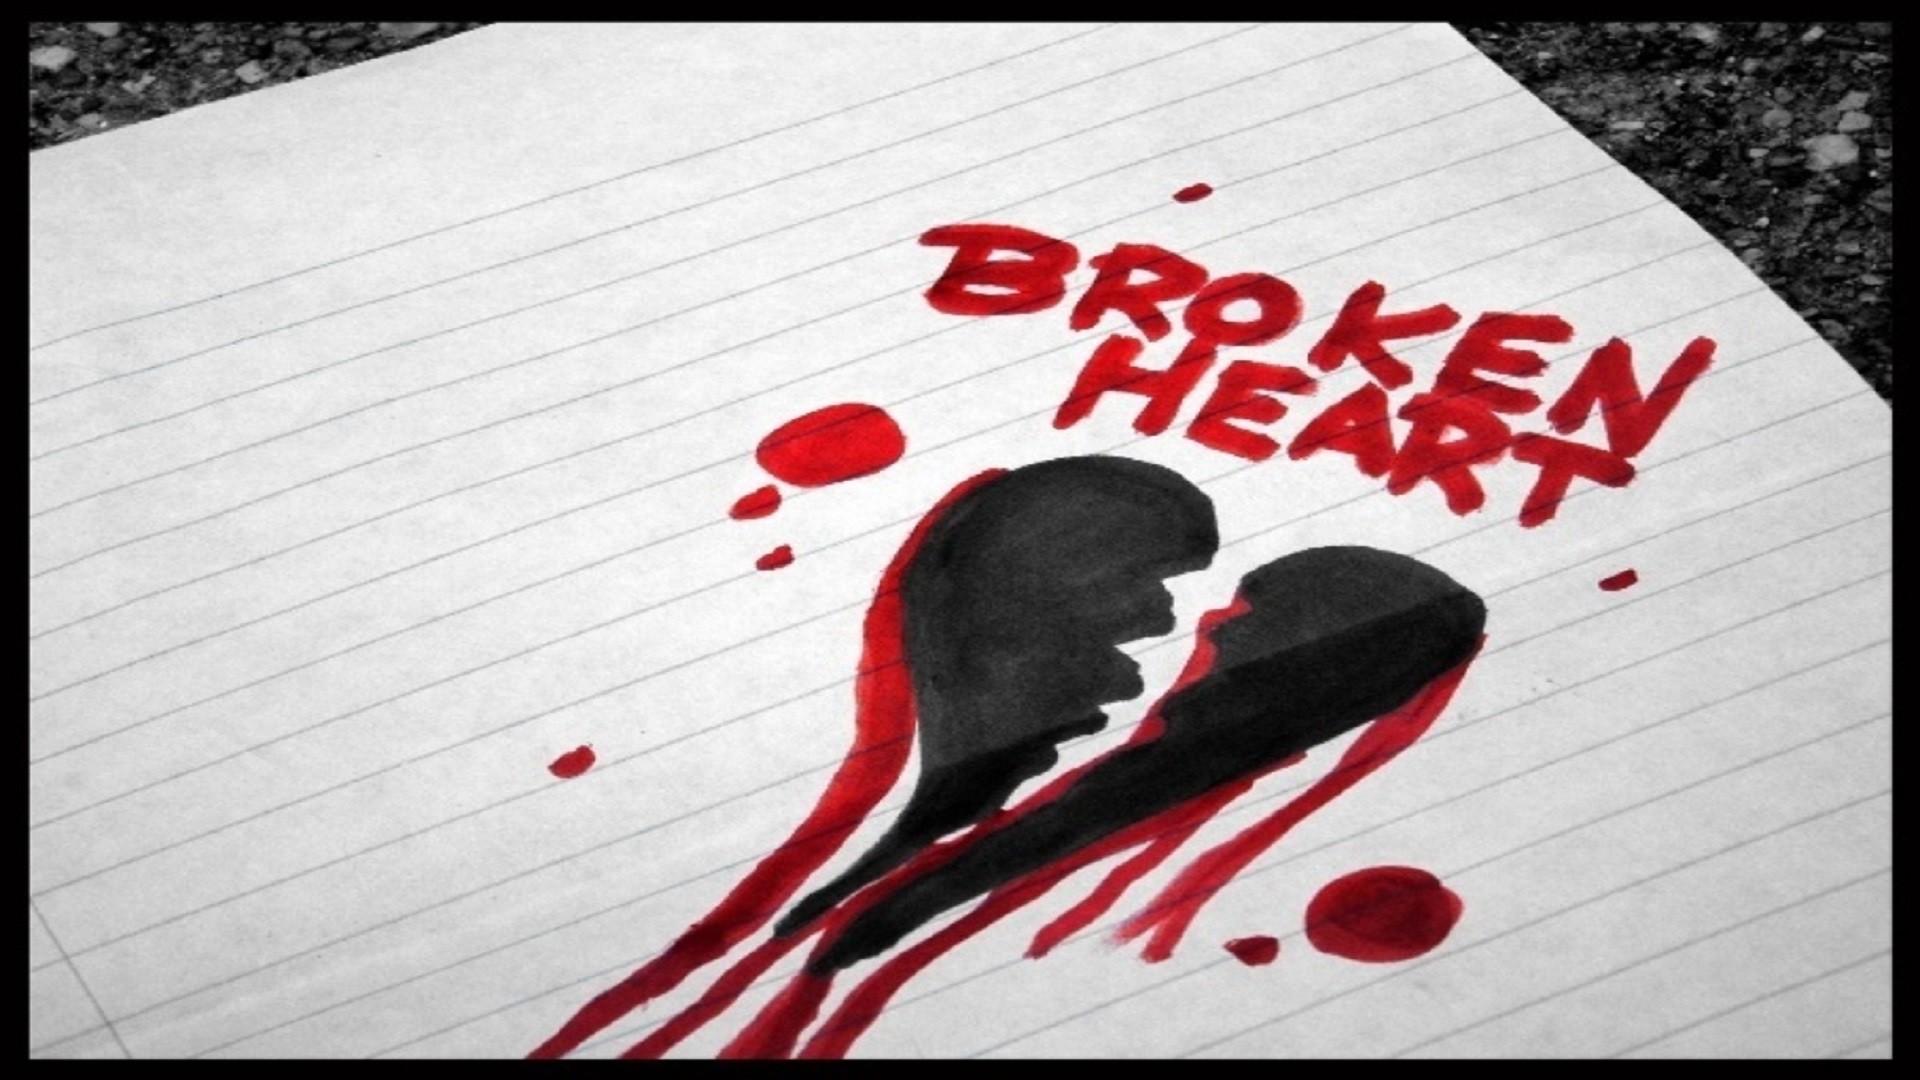 Heart Broken Wallpaper 66 Pictures